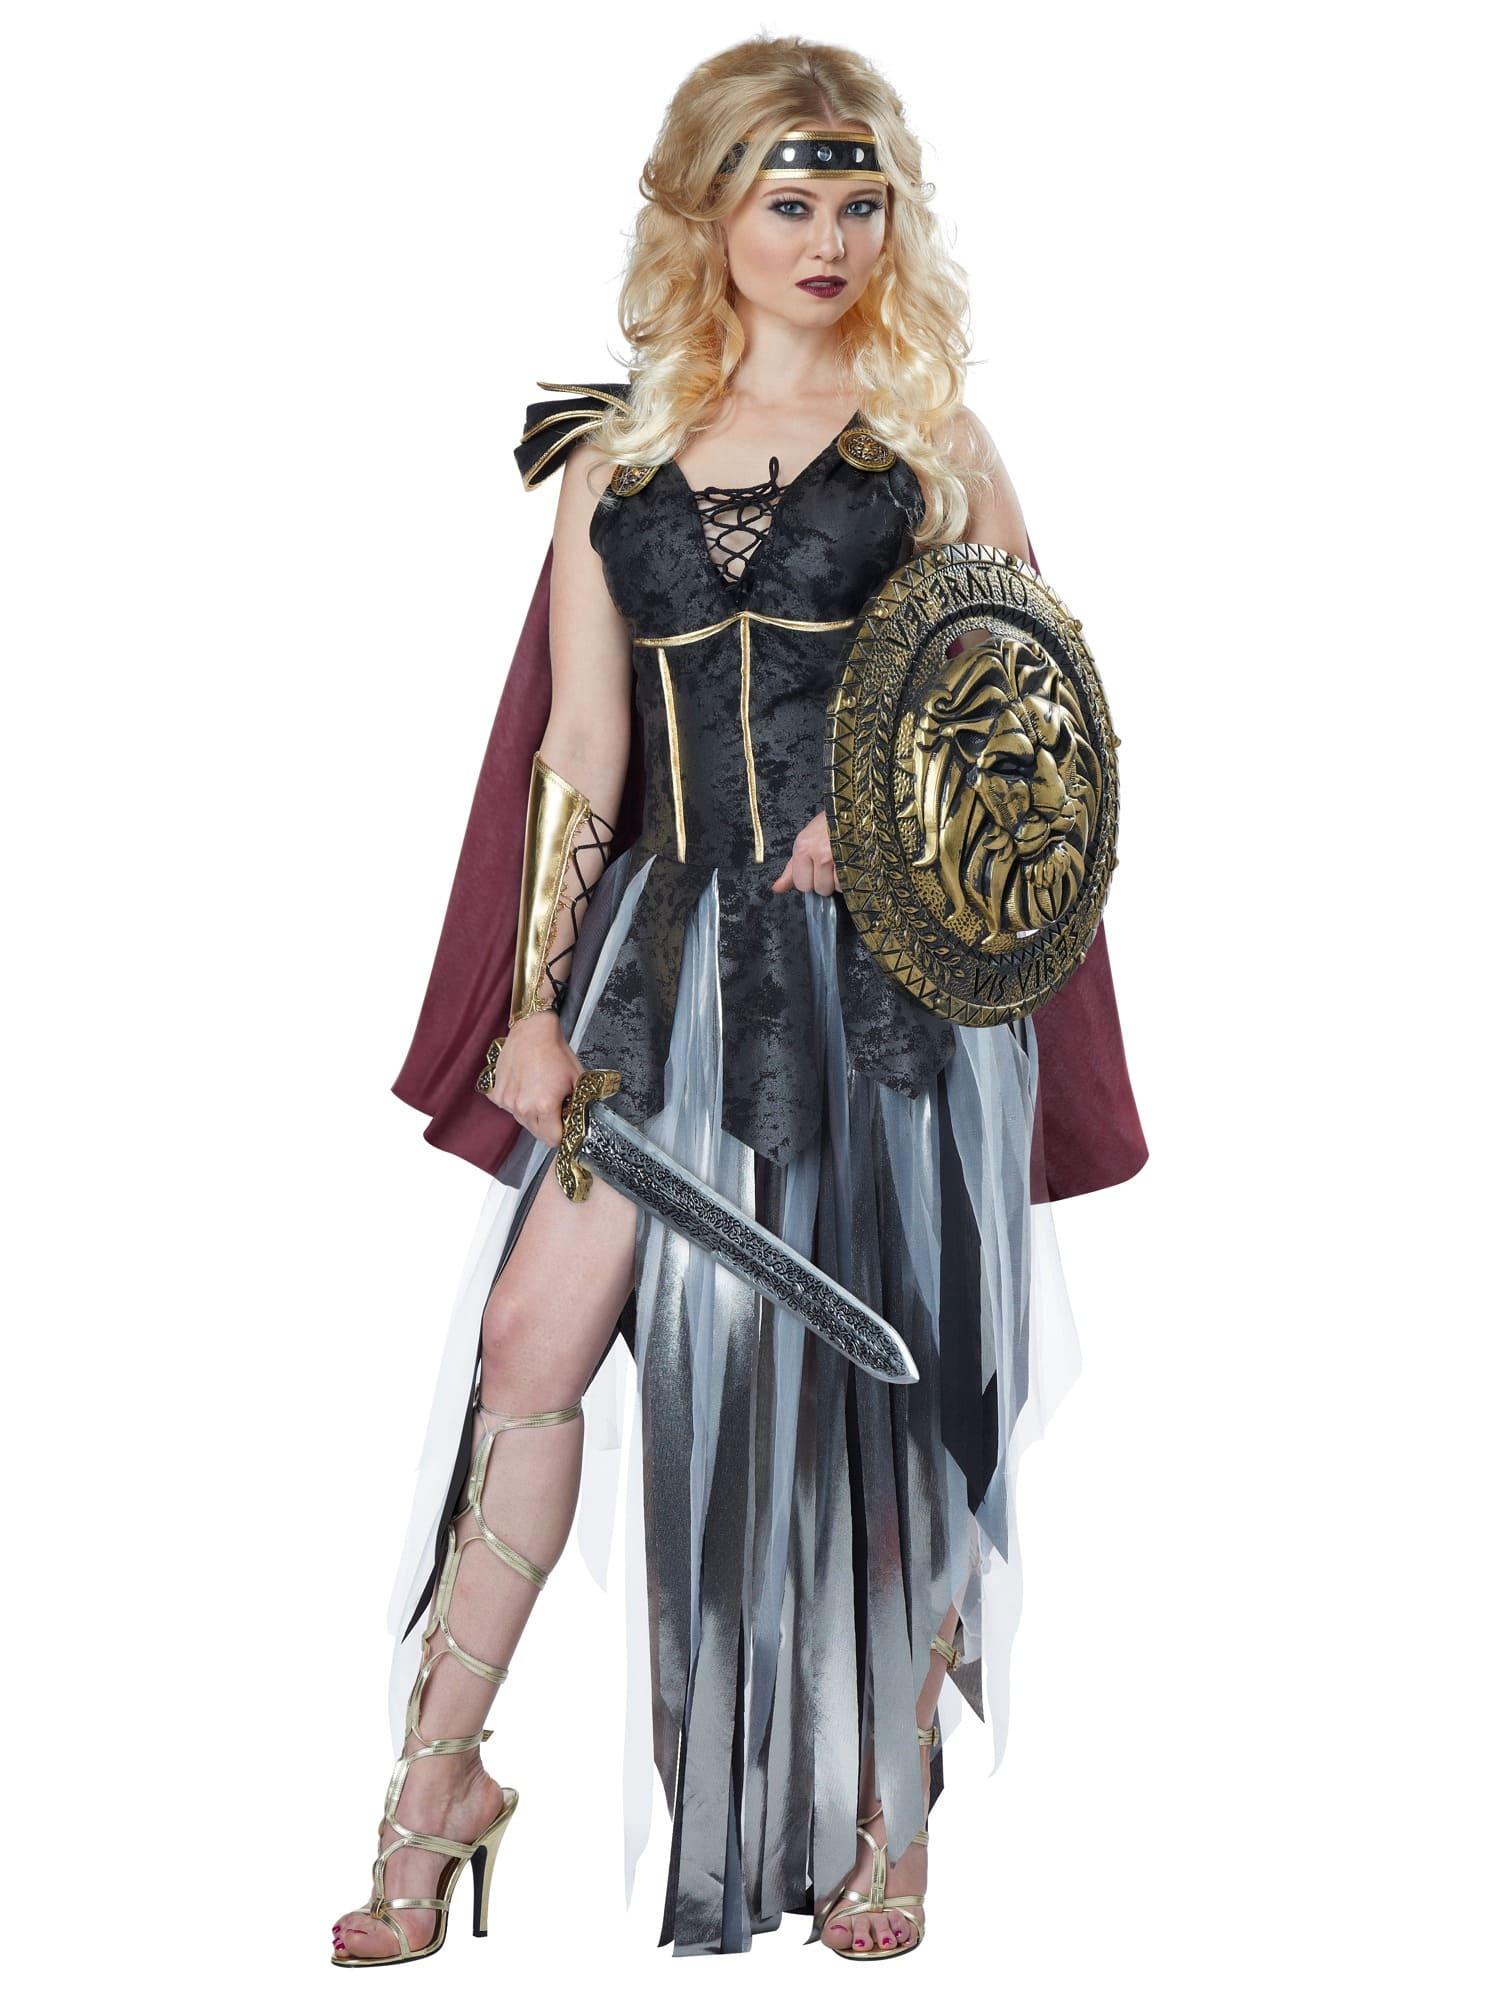 Glamorous gladiator xena warrior roman spartan medieval womens glamorous gladiator xena warrior roman spartan medieval womens costume s solutioingenieria Choice Image